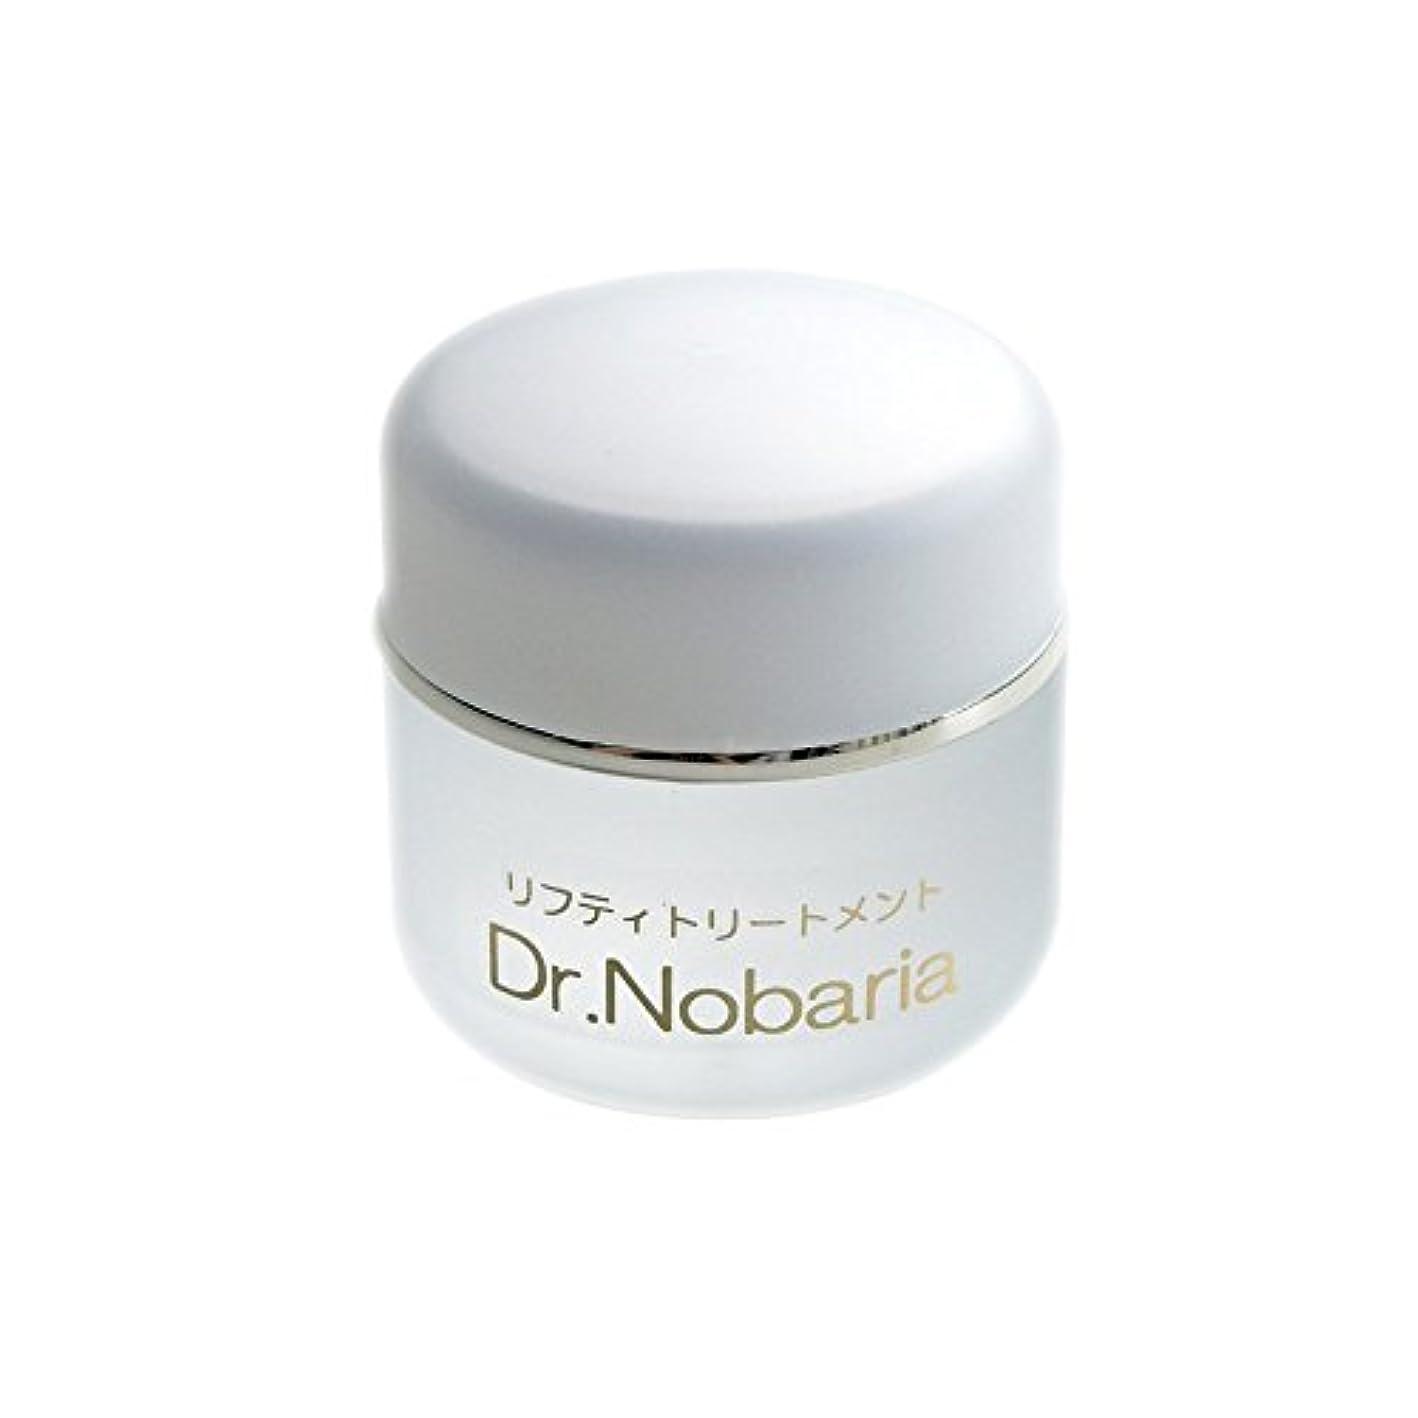 原子キャリッジカスタムNatural Pure ノバリアスキンケア ノバリアジェルクリーム 保湿 無香料 無着色 30g×1個